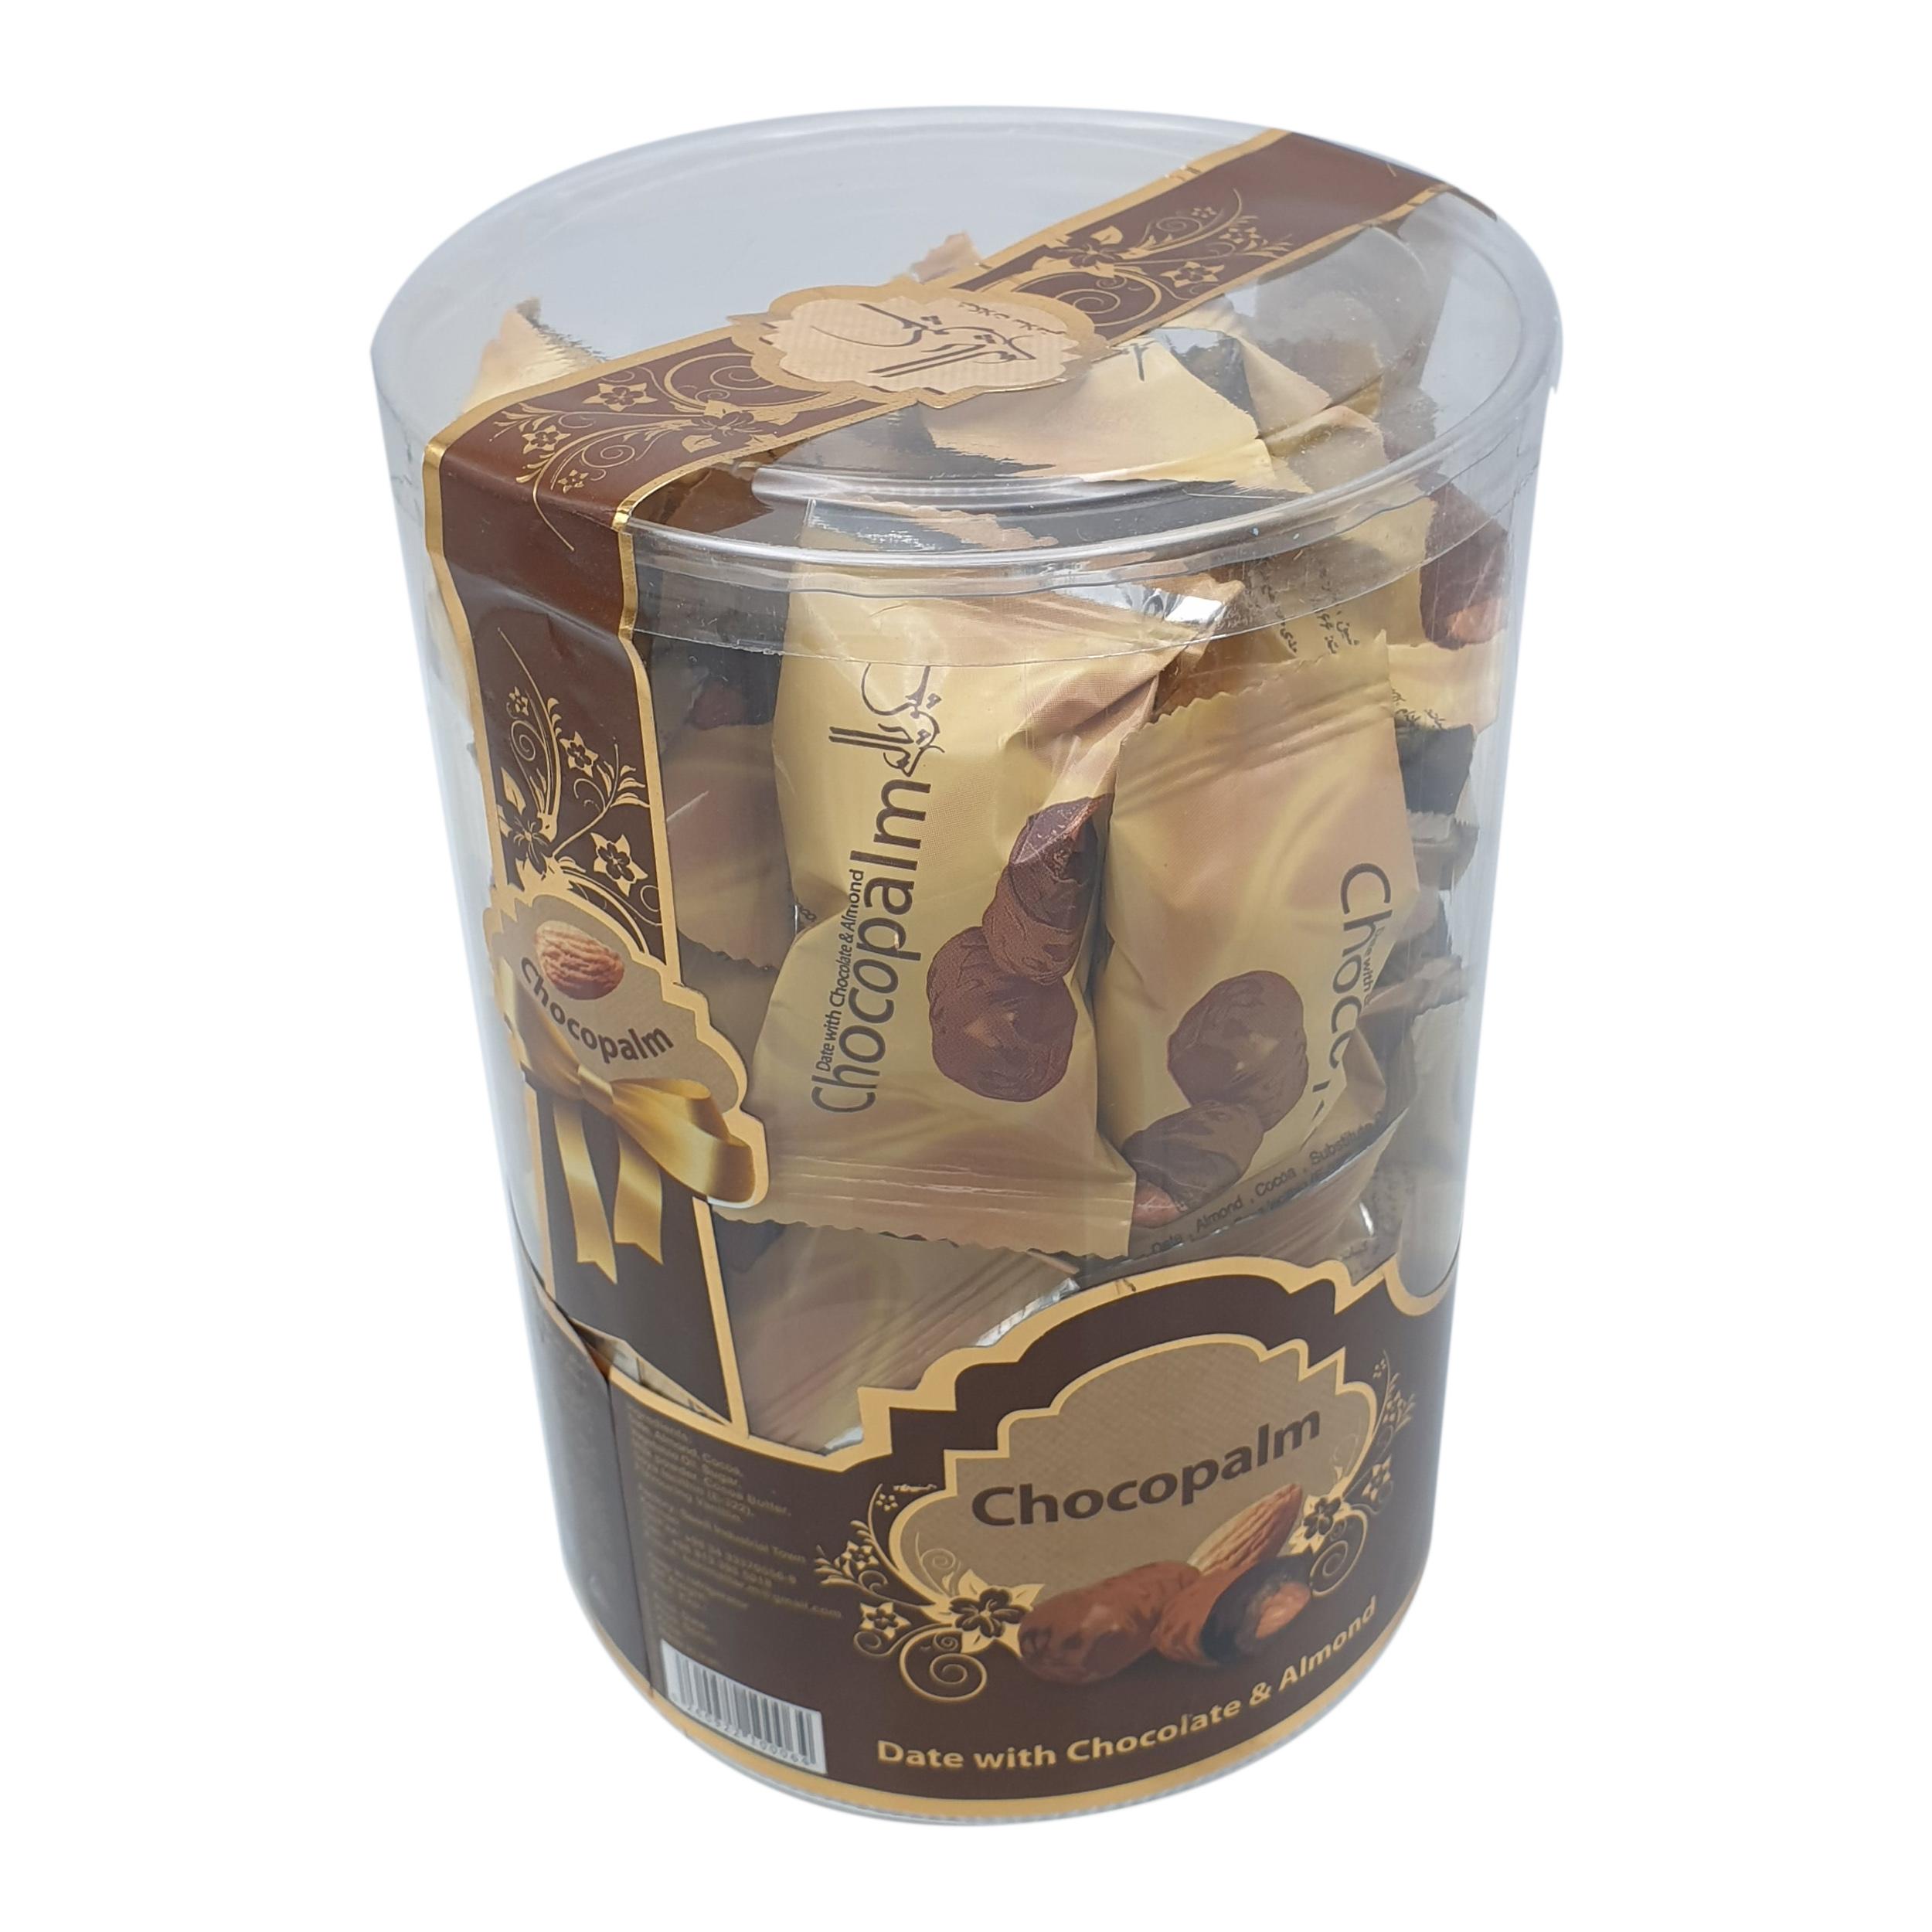 شکلات خرمایی با مغز بادام چکوپالم - 350 گرم